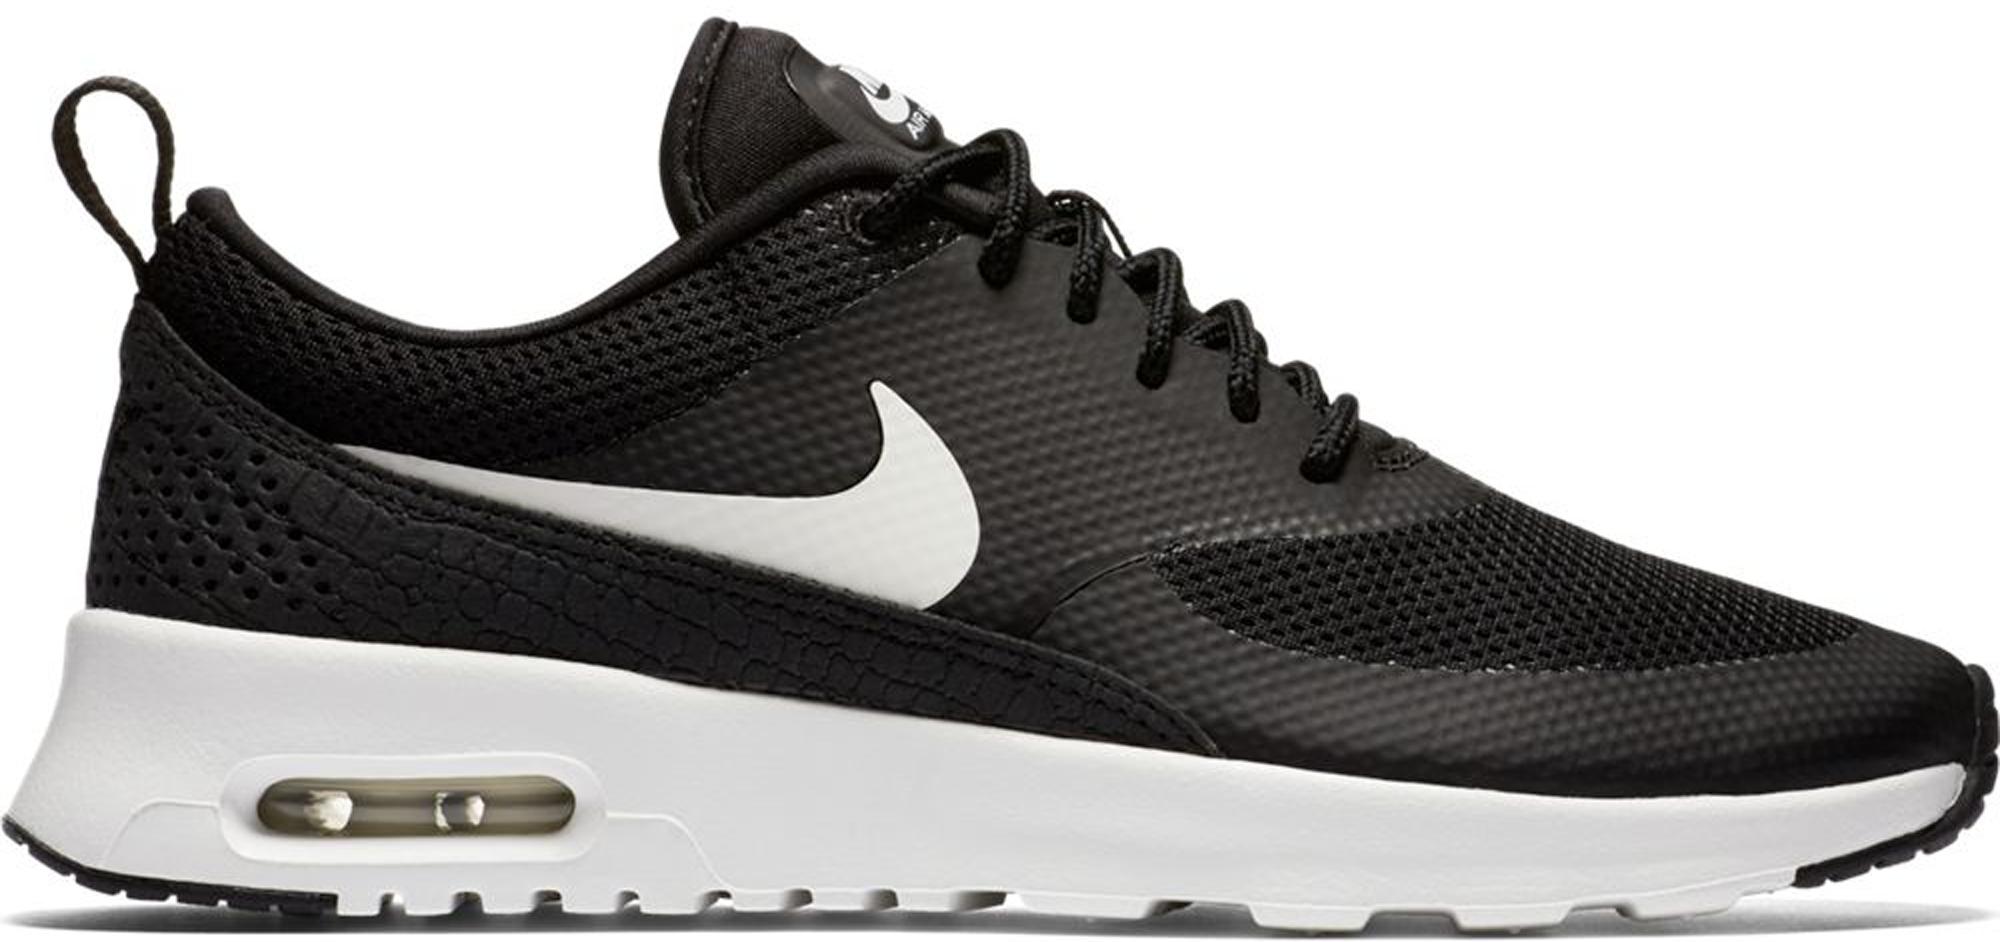 US 6.5 US 7.5 Geschenk Nike WMNS Air Max Thea 599409 020 Damenschuhe Gr